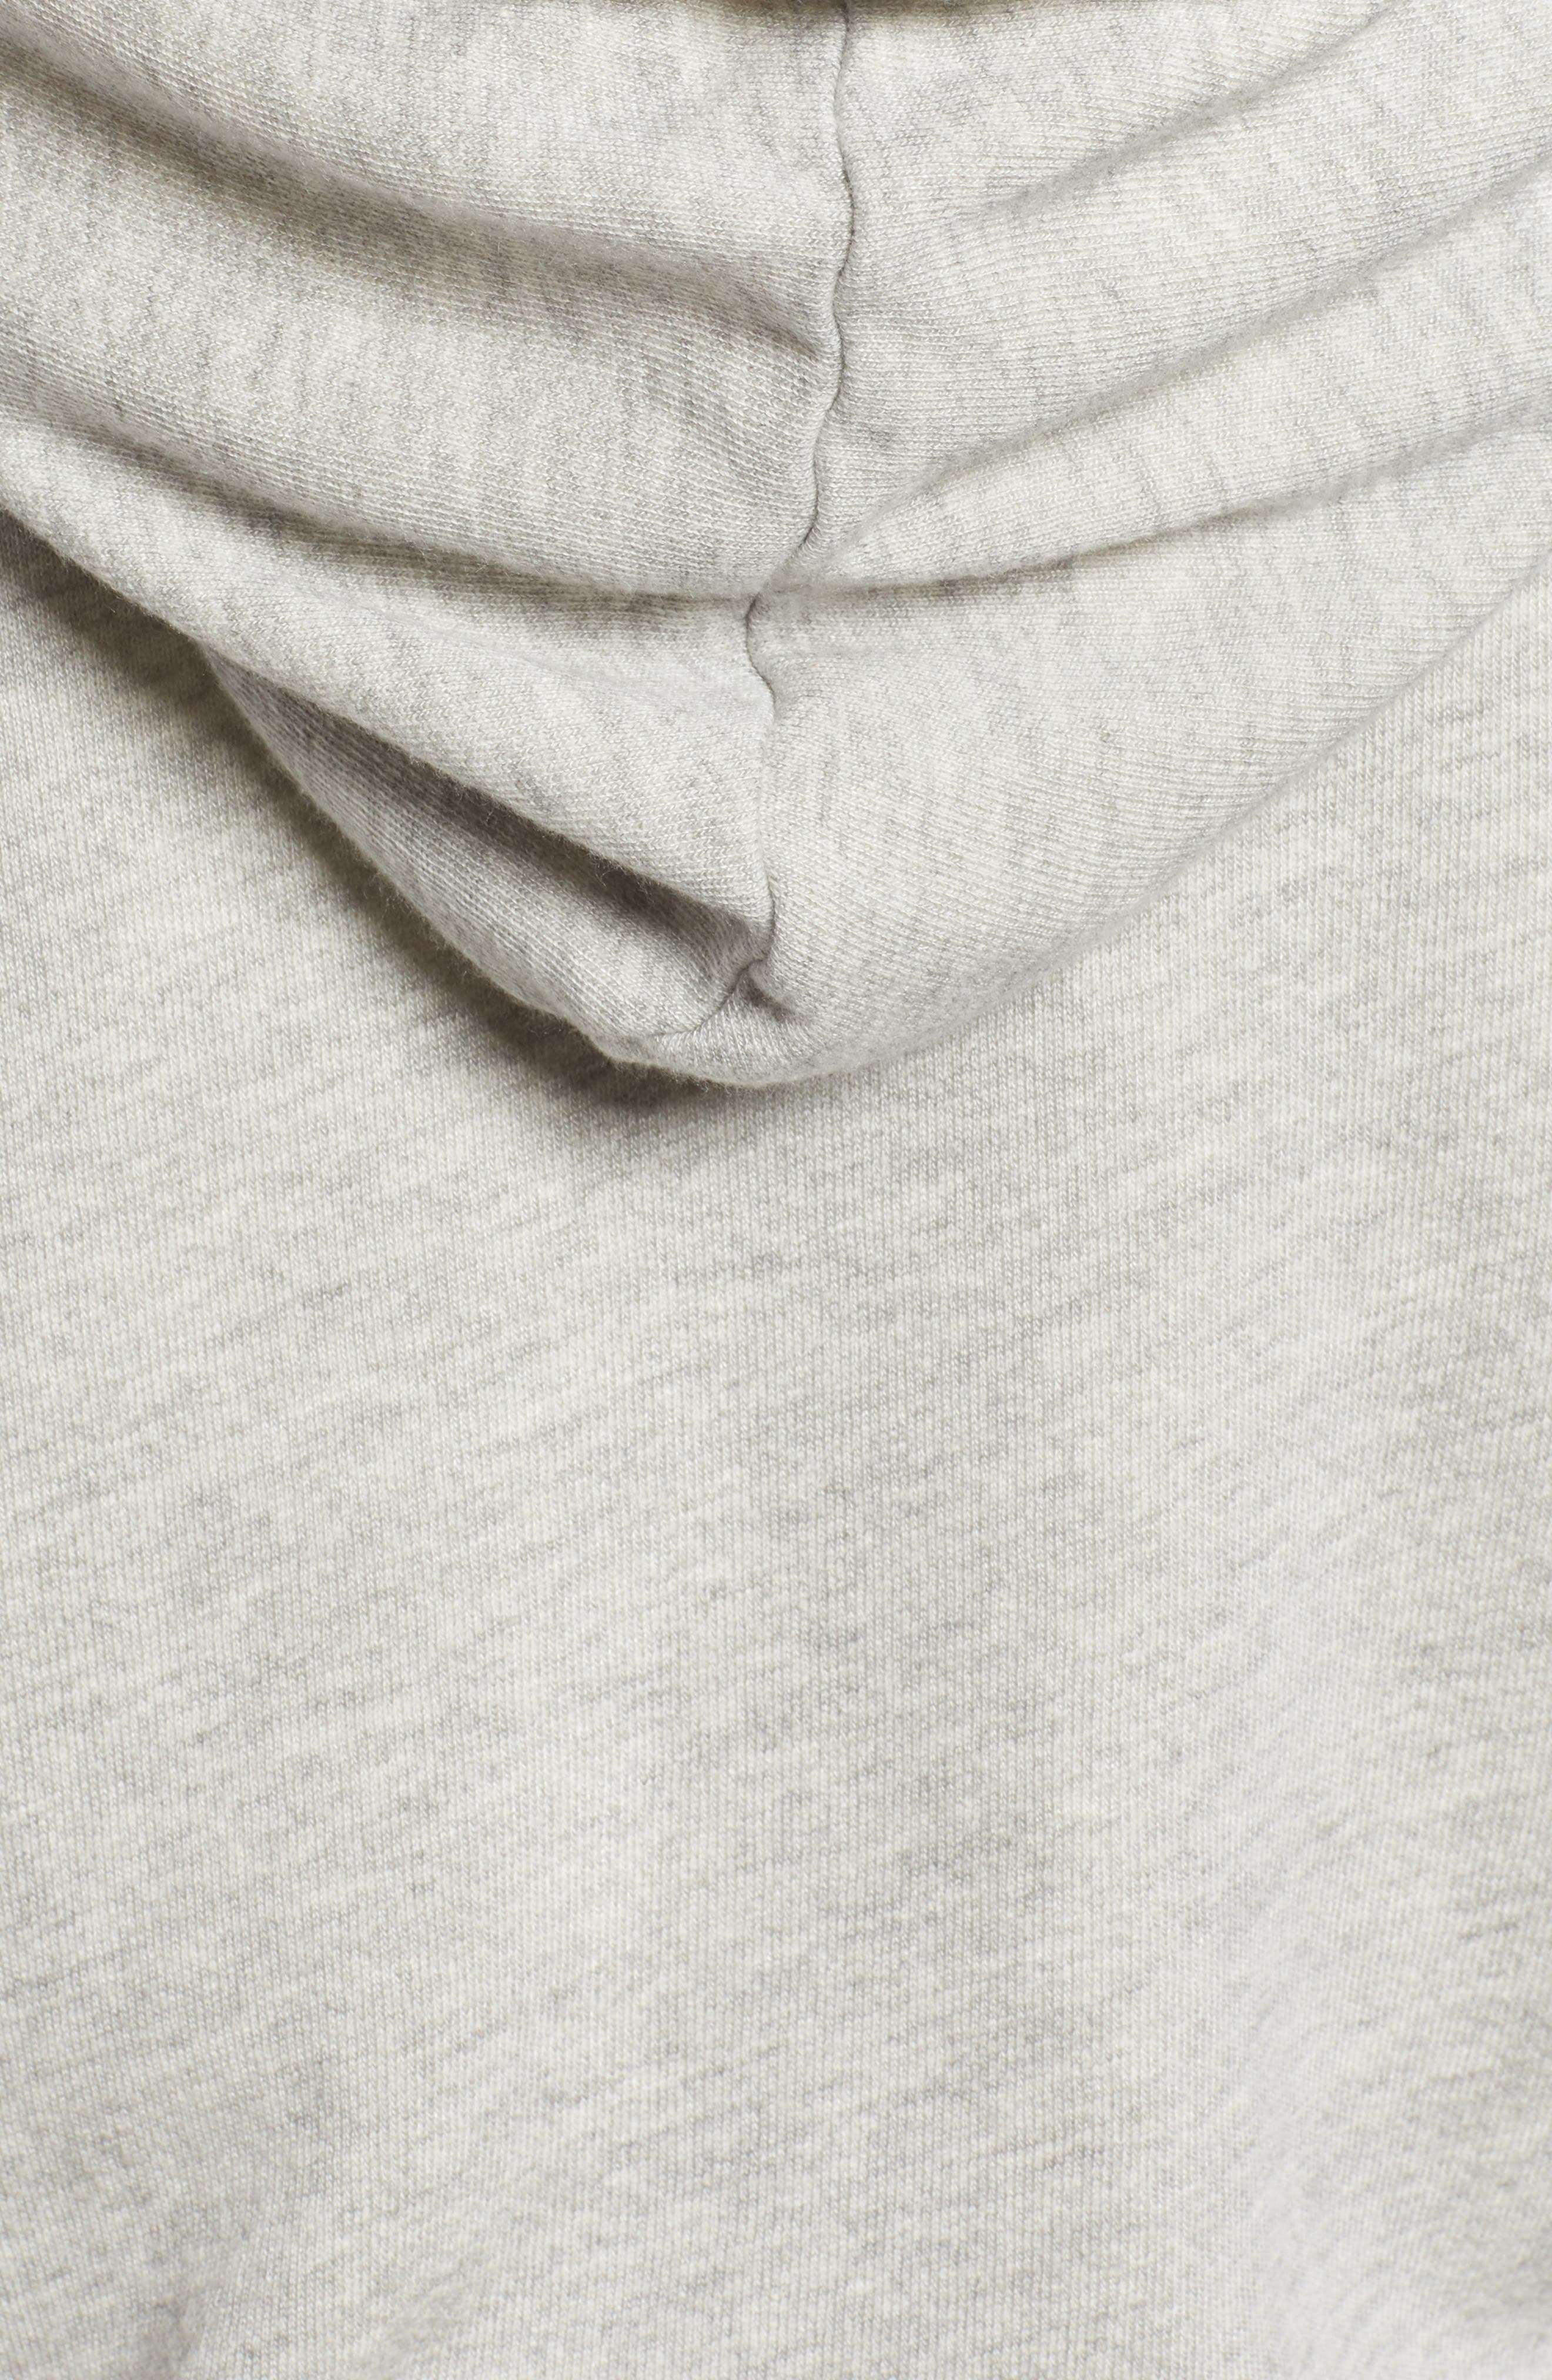 Waldo Short Sleeve Zip Hoodie,                             Alternate thumbnail 6, color,                             HEATHER GREY